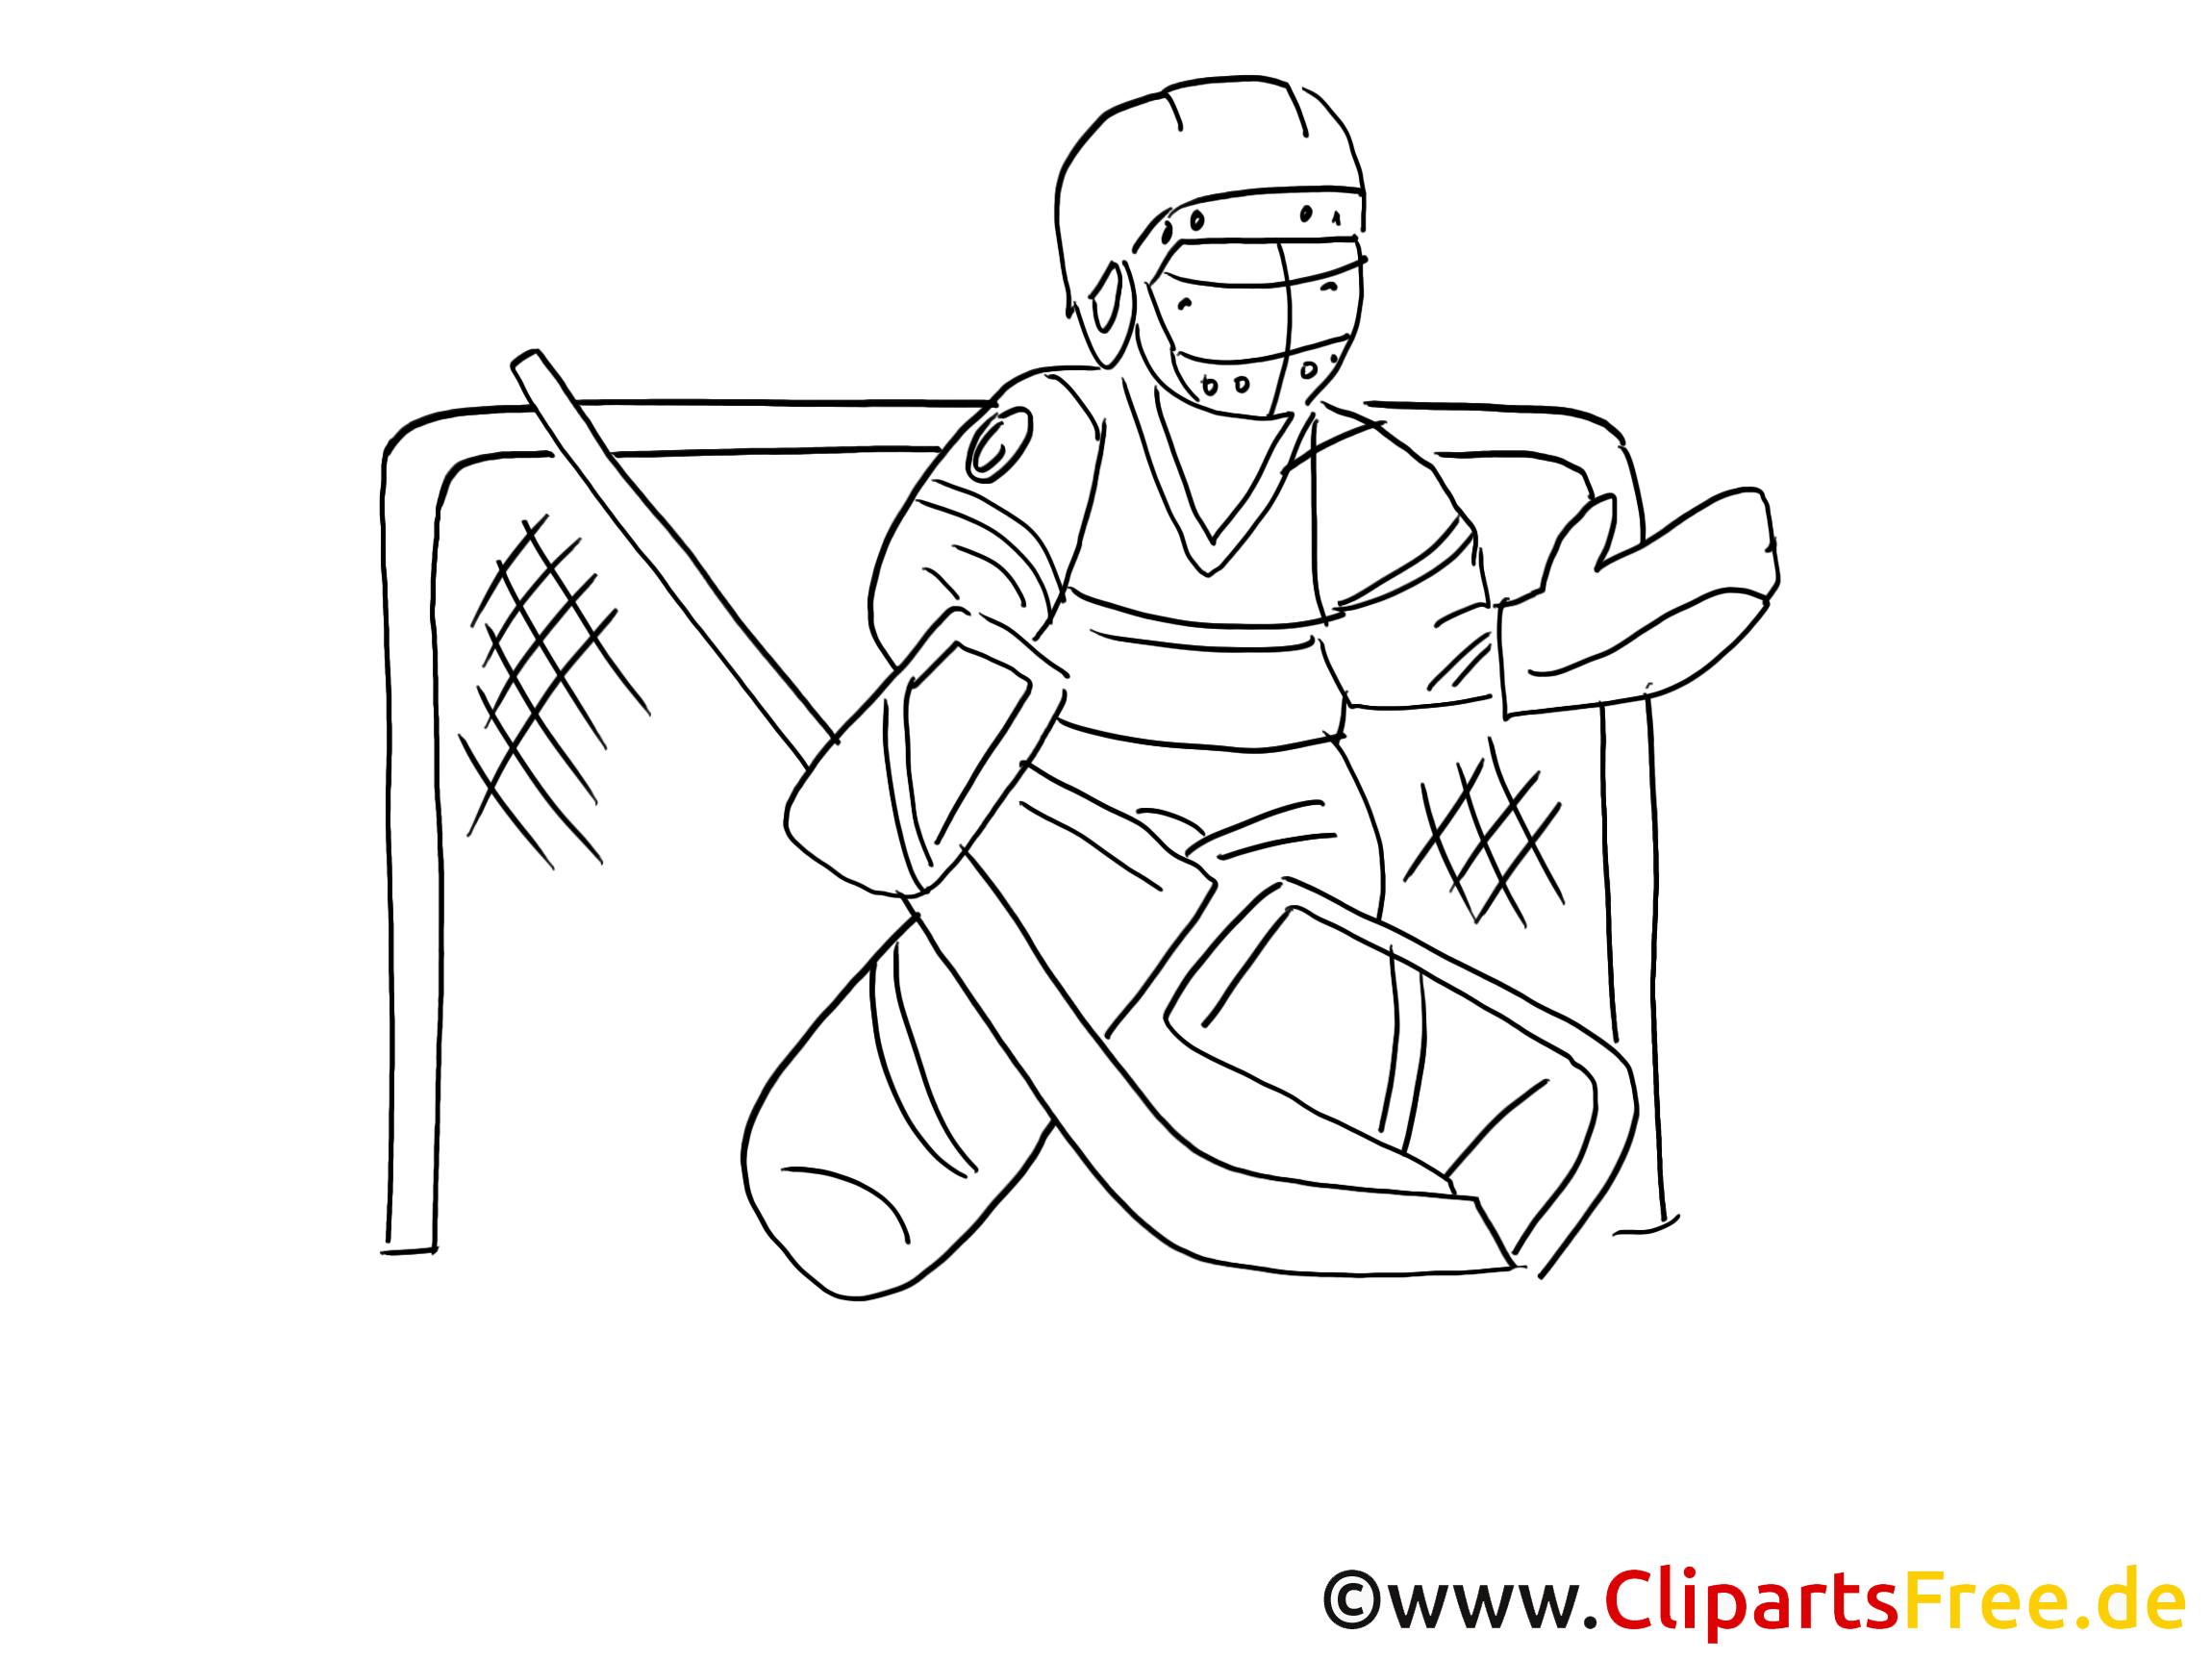 Gro Eishockey Torwart Malvorlagen Ideen Malvorlagen Von Tieren